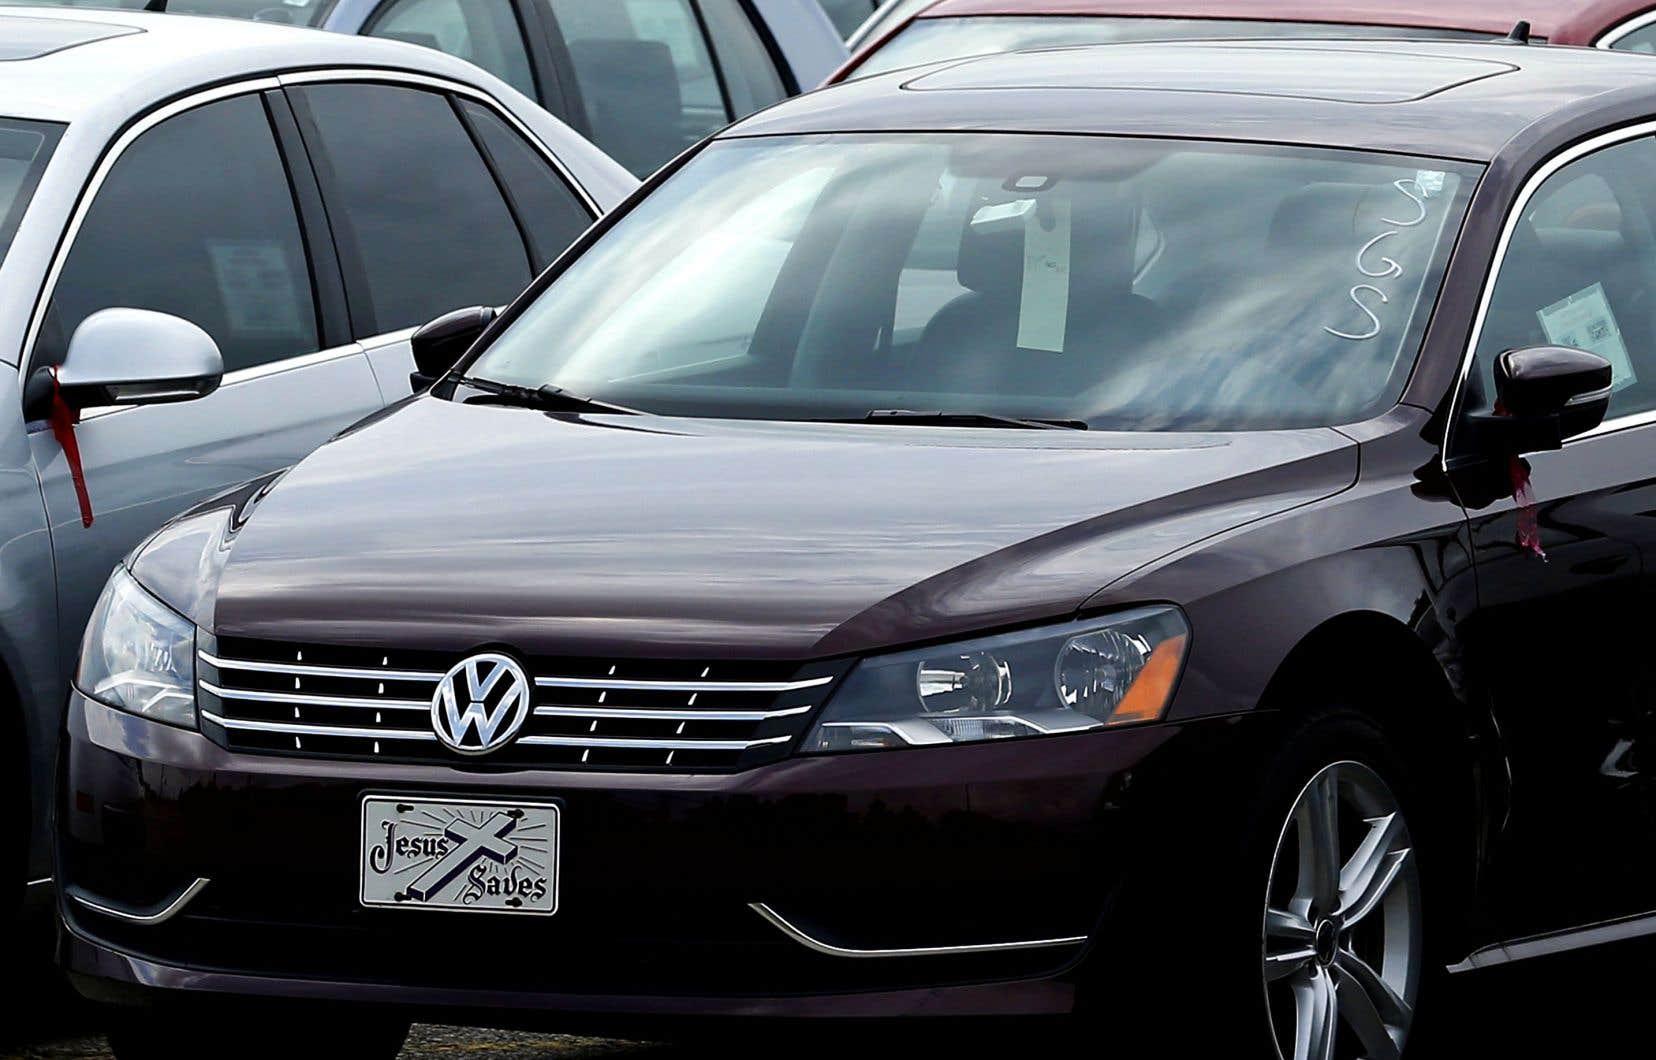 Aux États-Unis, Volkswagen a déjà dû débourser plus de 22milliards de dollars pour réparer ou racheter près de 600000 voitures incriminées.